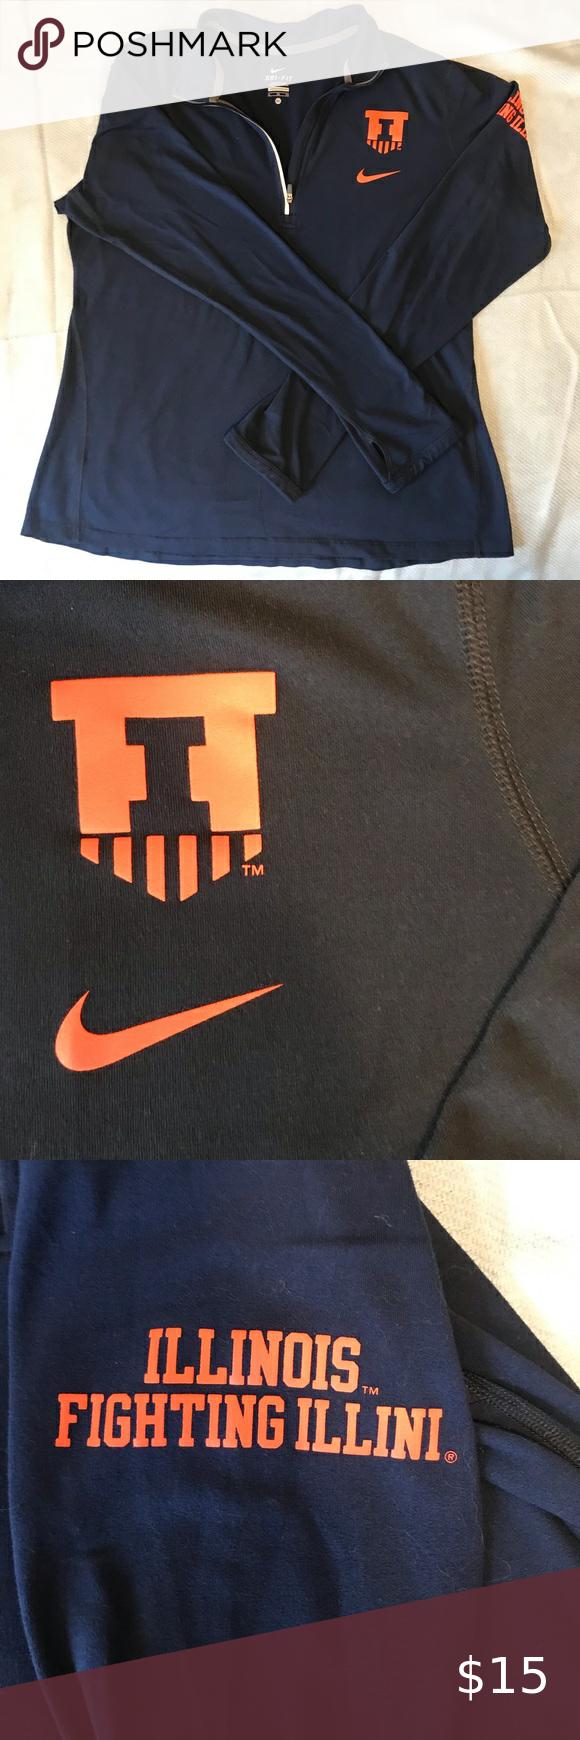 Nike University Of Illinois Half Zip Nike Half Zip Sweatshirt Tops Half Zip [ 1740 x 580 Pixel ]